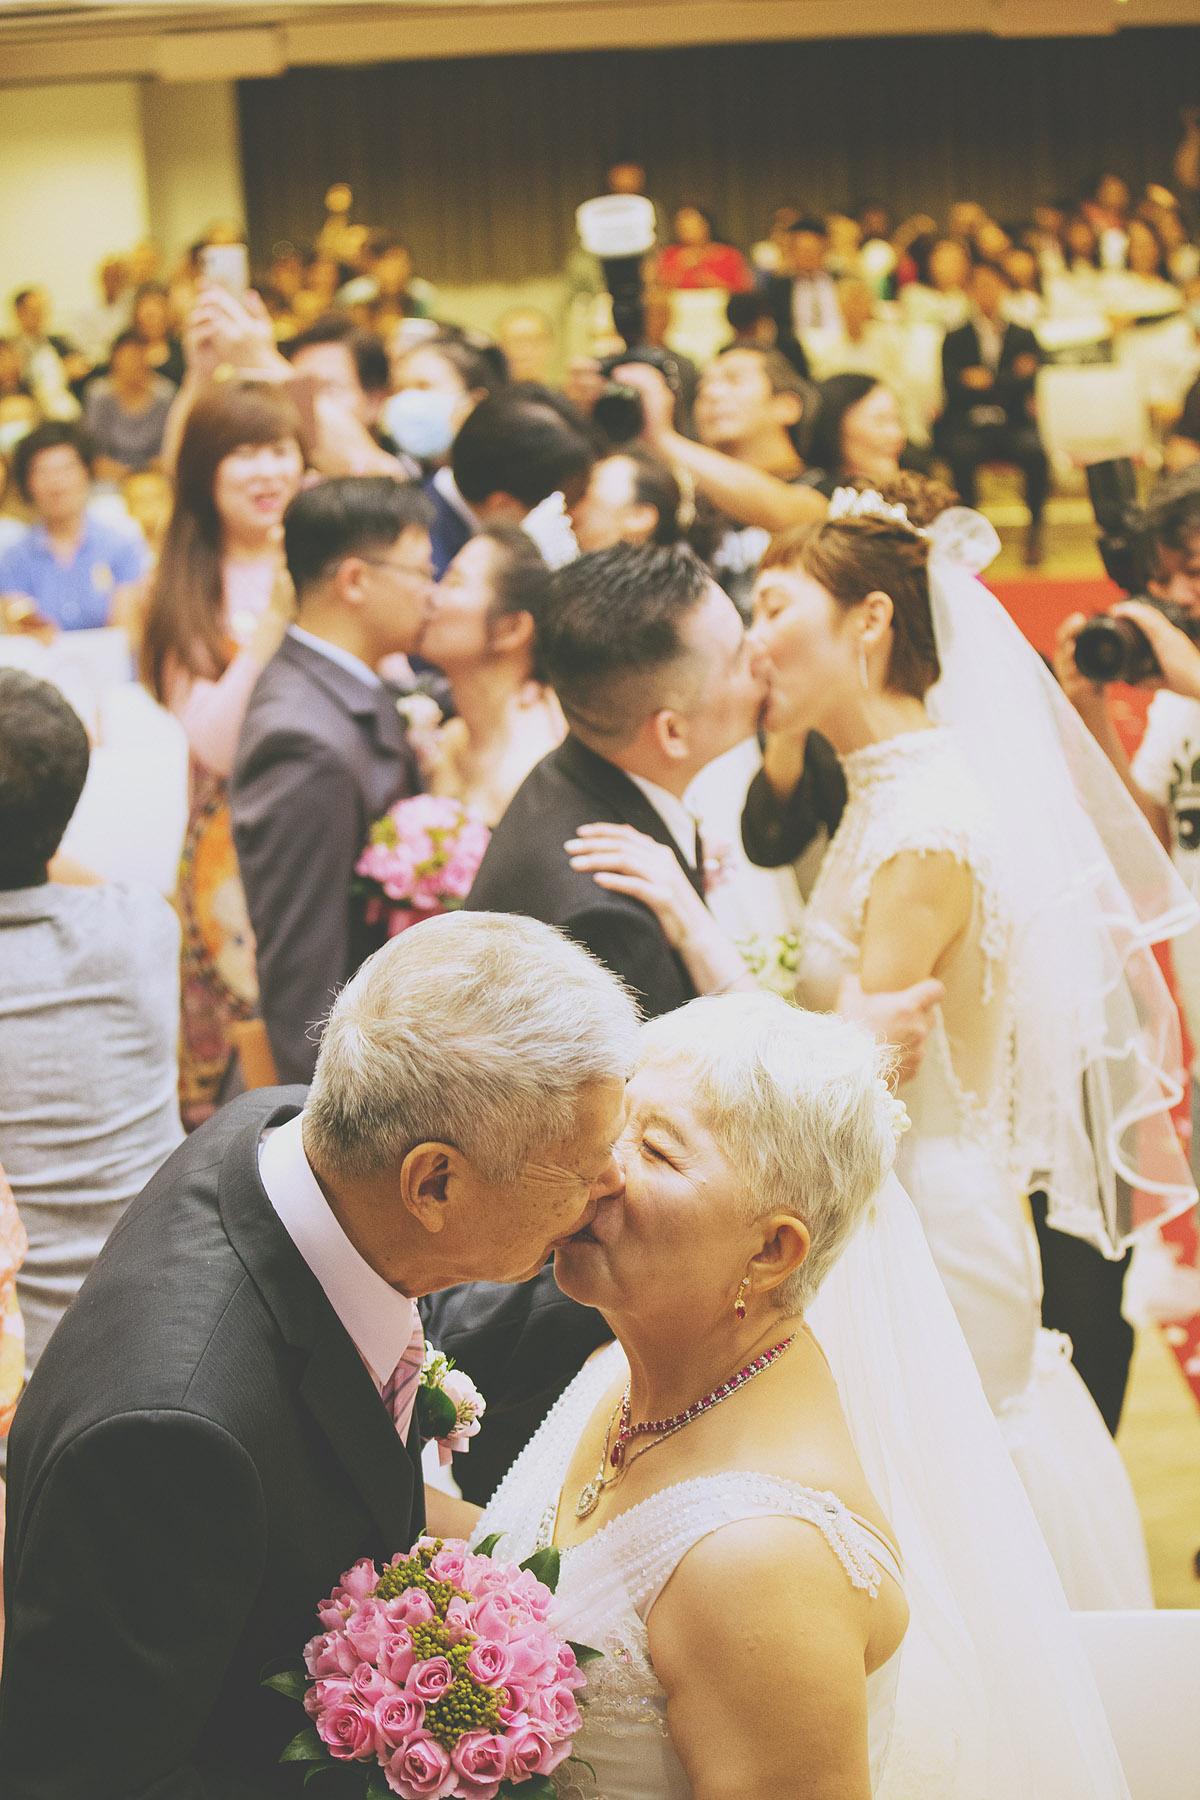 基督徒,教會婚禮,底片,婚禮攝影,婚禮攝影師,台北,卓越北大行道會,婚姻祝福禮,婚攝推薦,婚禮紀錄,溫度,情感,自然